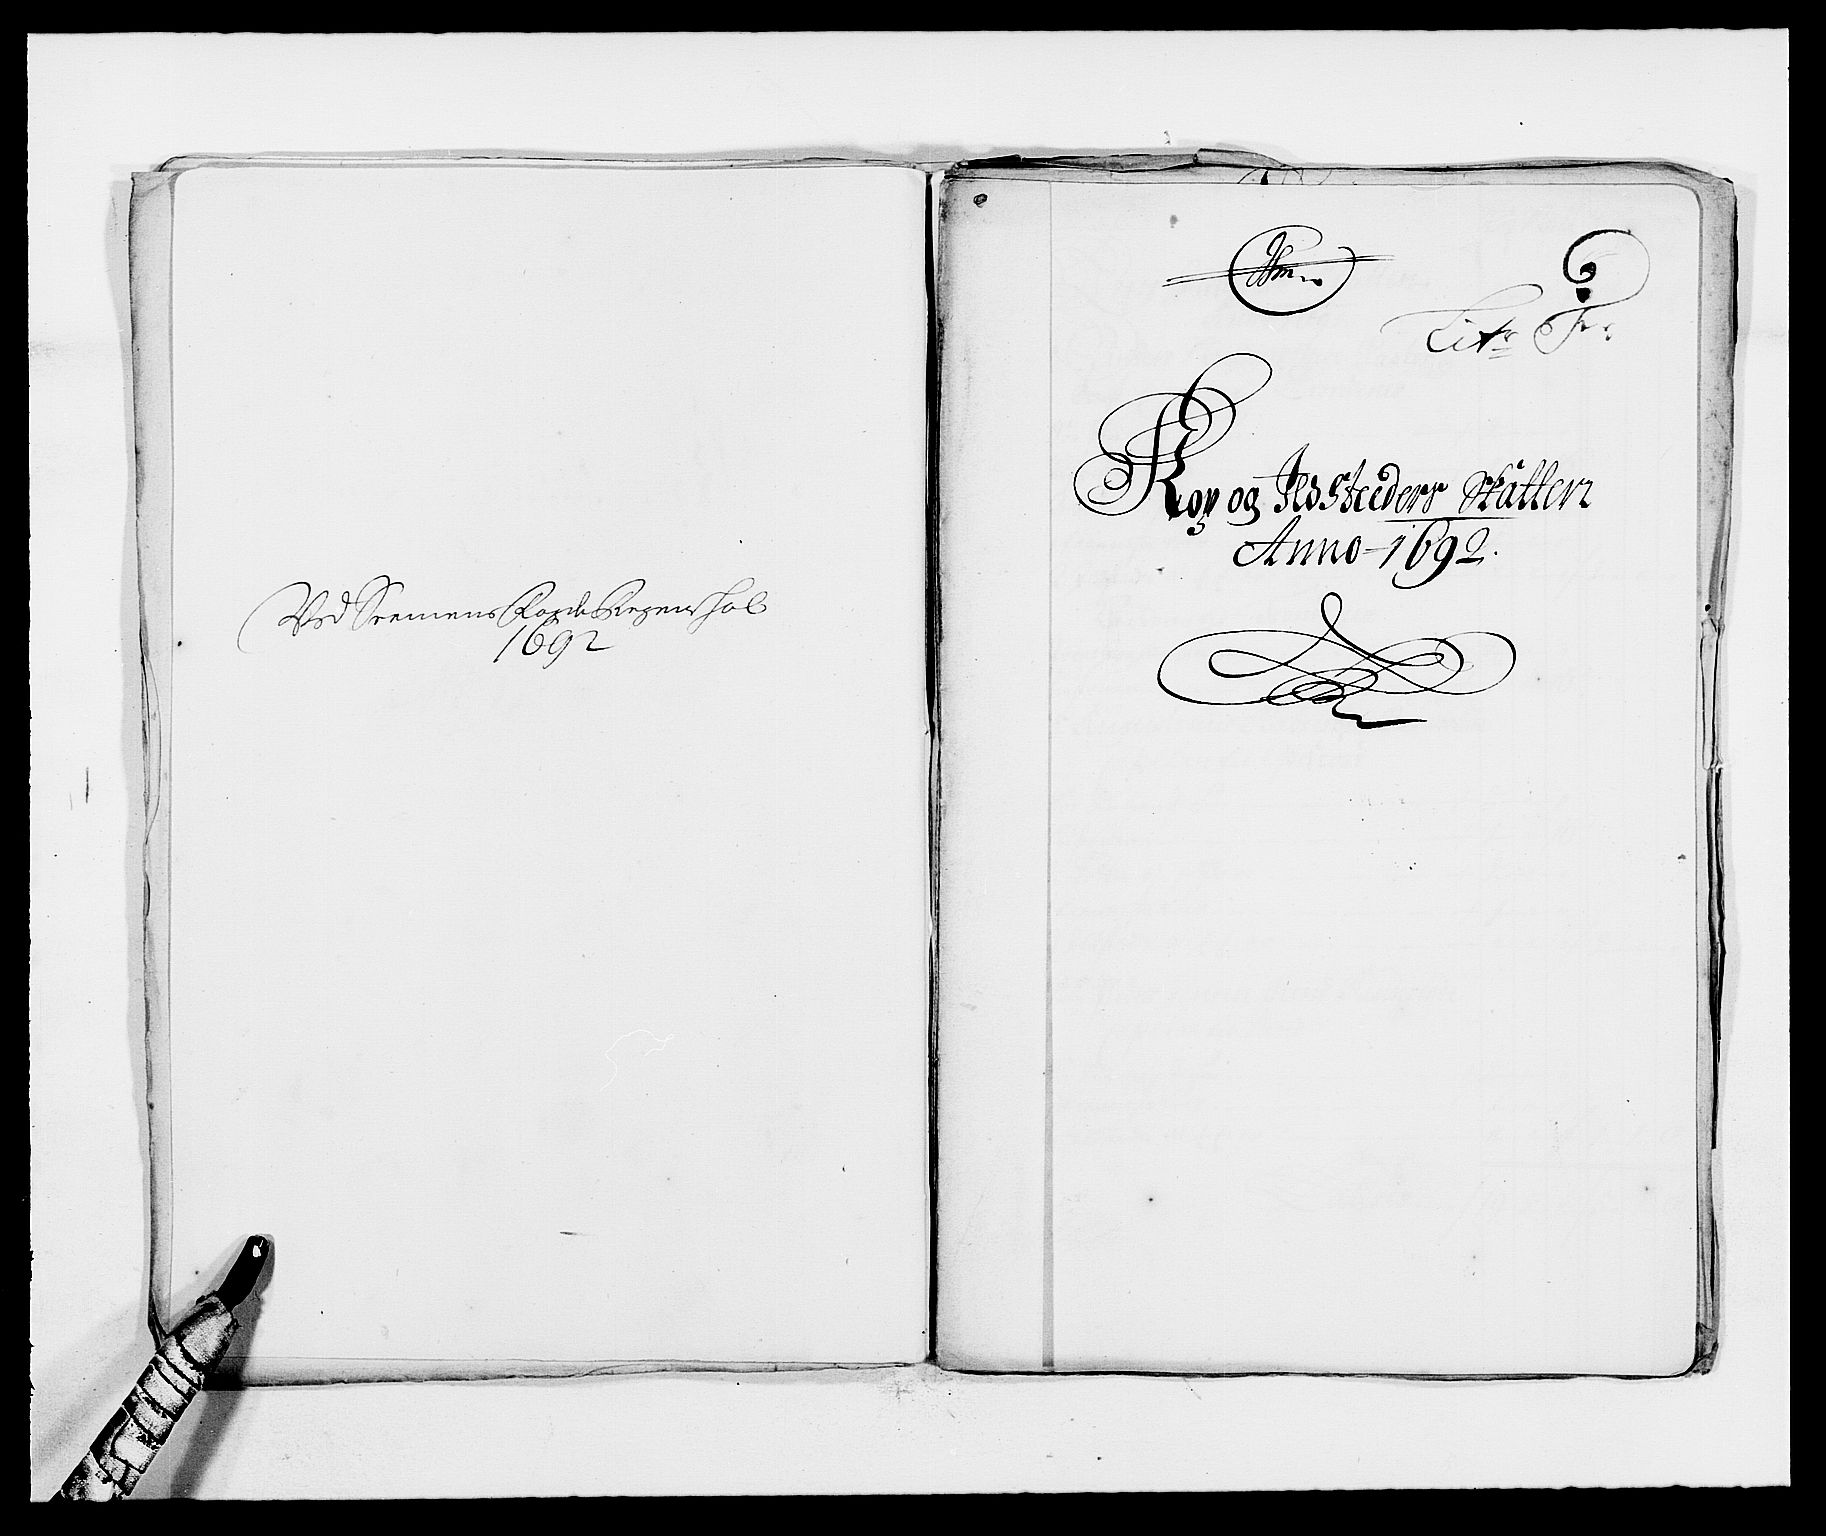 RA, Rentekammeret inntil 1814, Reviderte regnskaper, Fogderegnskap, R68/L4752: Fogderegnskap Senja og Troms, 1691-1693, s. 211